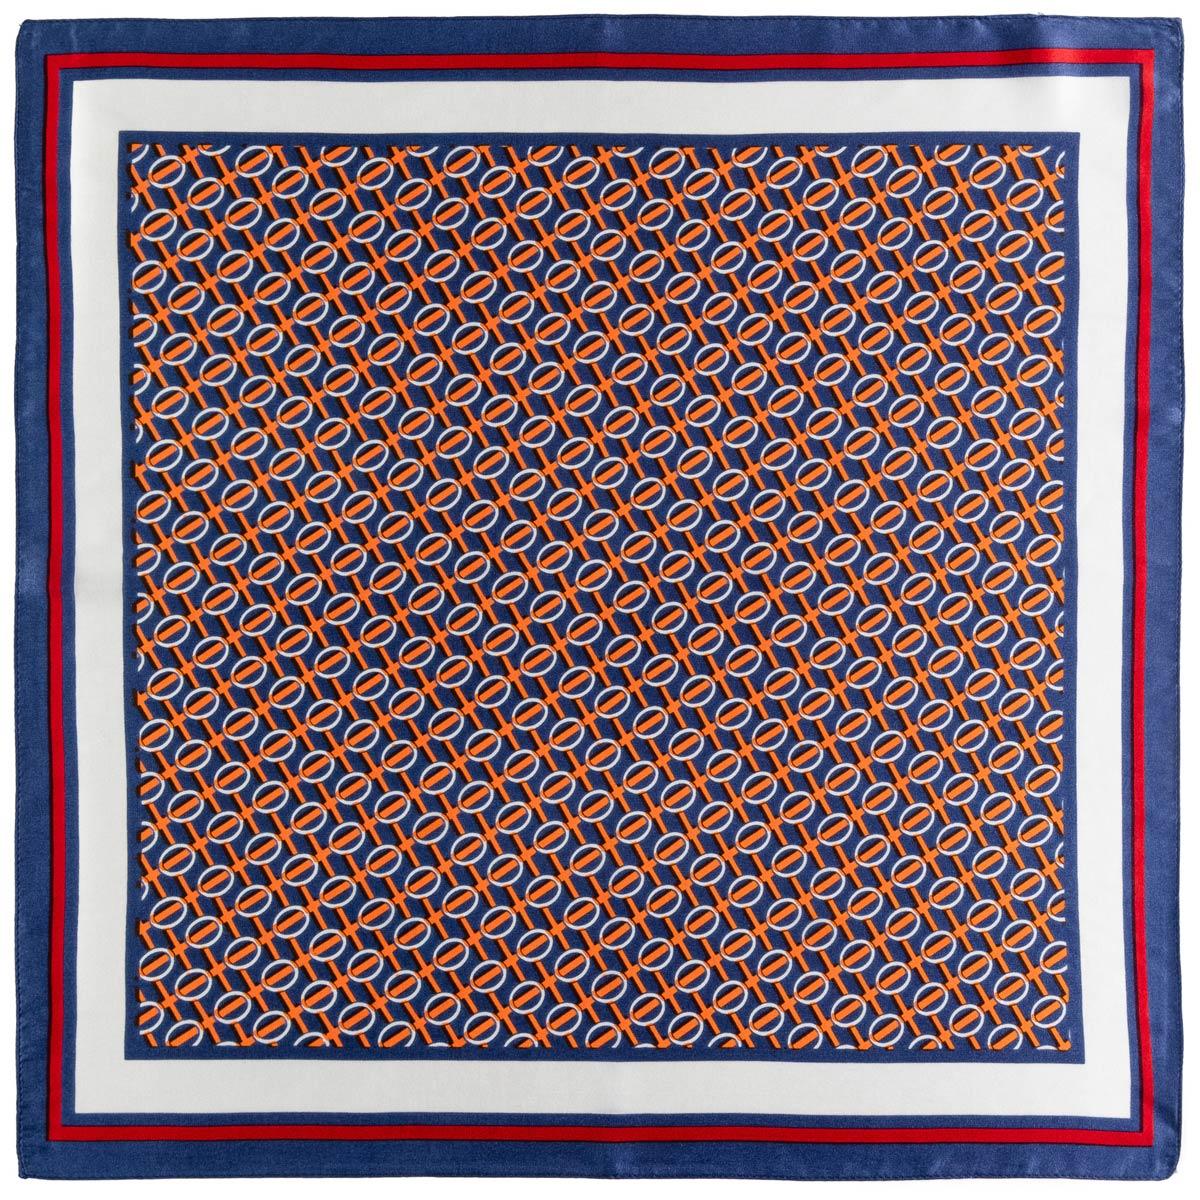 AT-06256-A12-carre-soie-gavroche-oeange-bleu